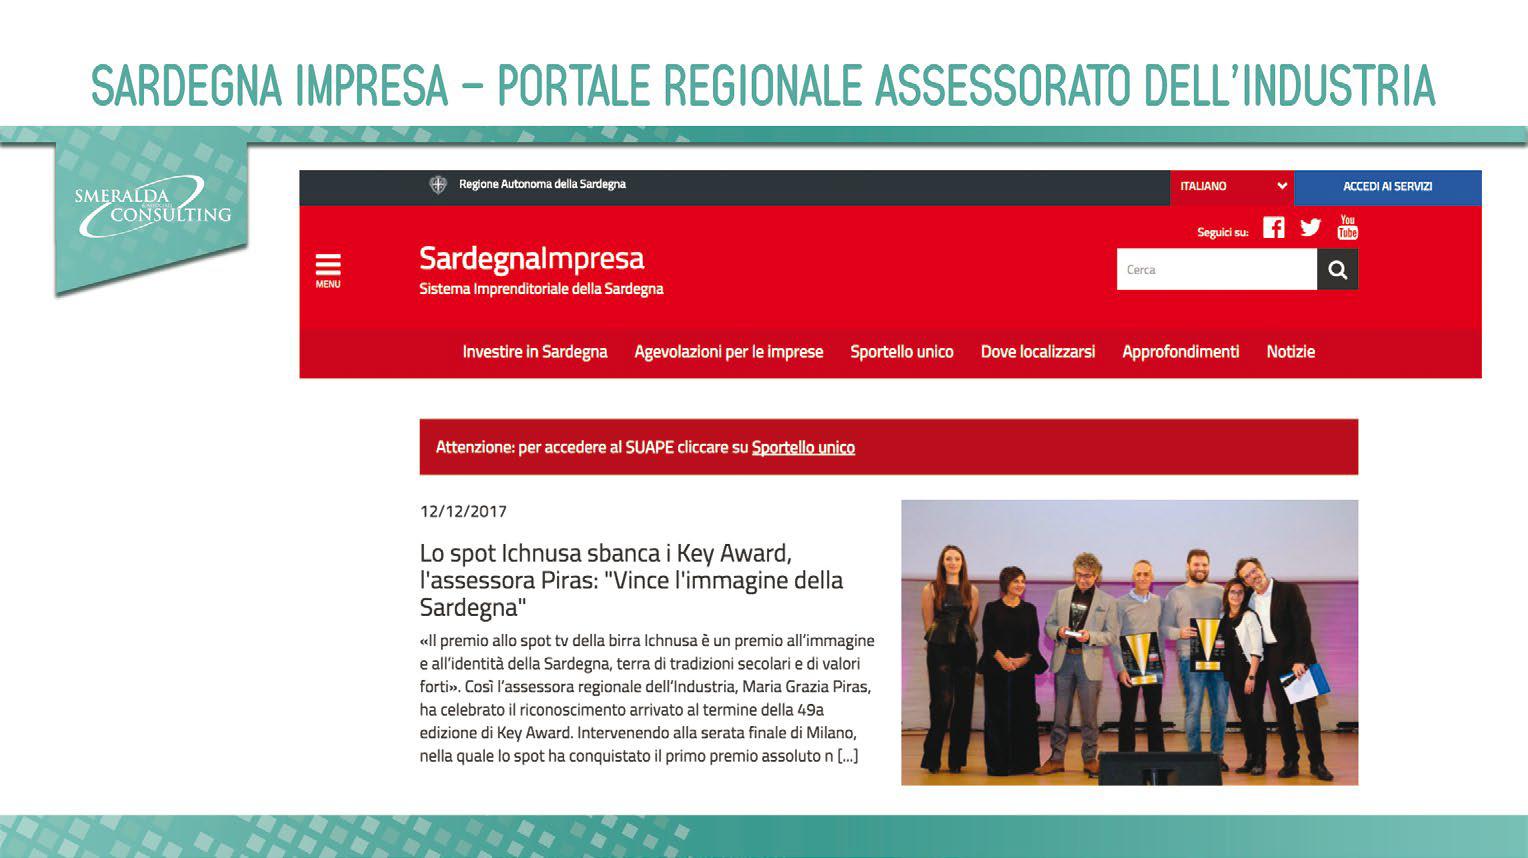 Sardegna Impresa – Portale Regionale Assessorato dell'Industria